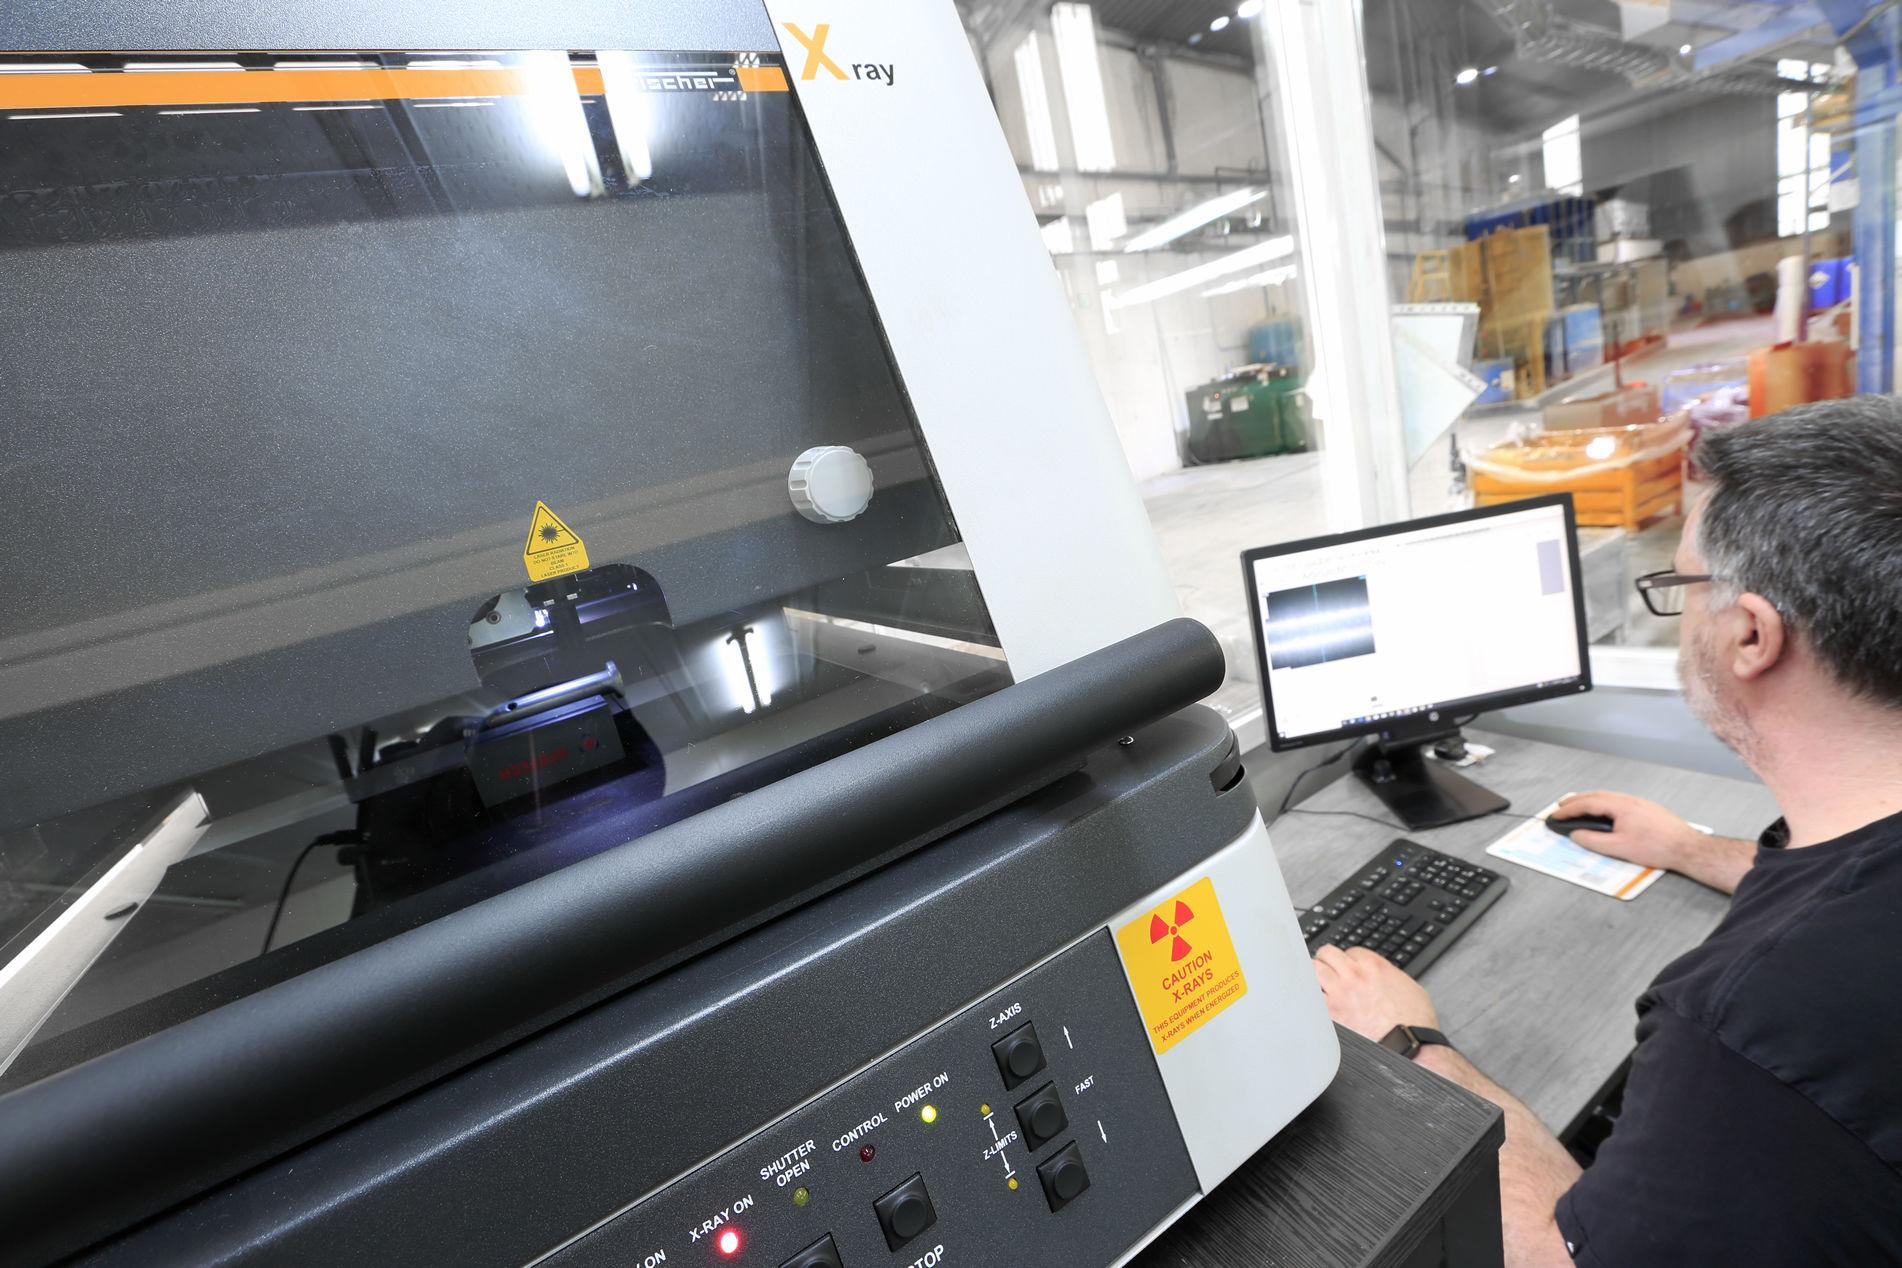 Recubrimientos de Zinc Niquel con propiedades anticorrosivas para piezas metálicas de automoción